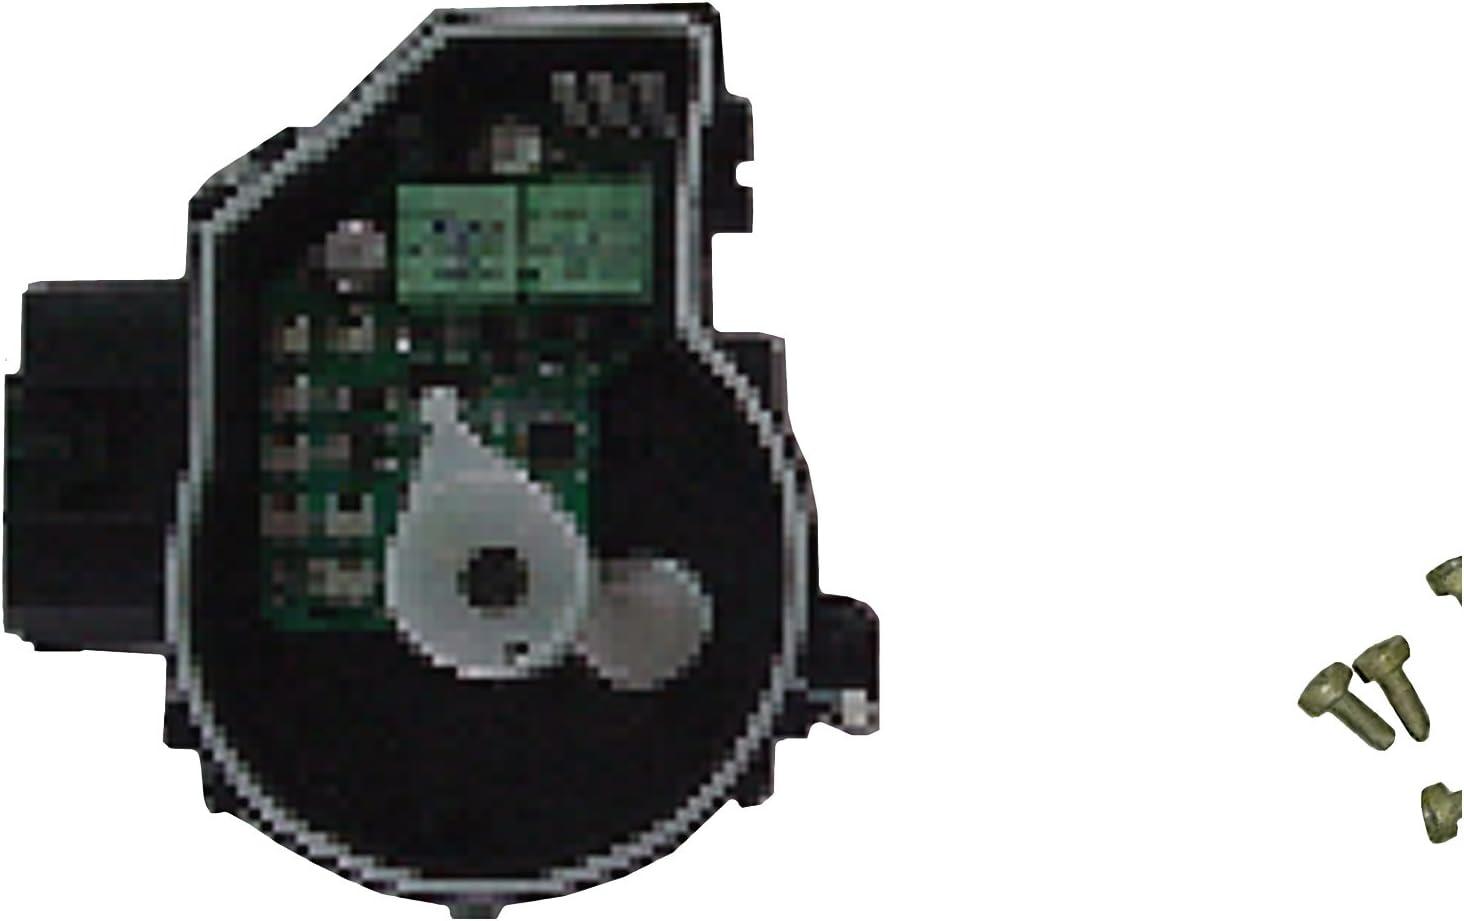 For 2003-2009 Chevrolet Trailblazer Wiper Switch API 16233YZ 2004 2005 2006 2007